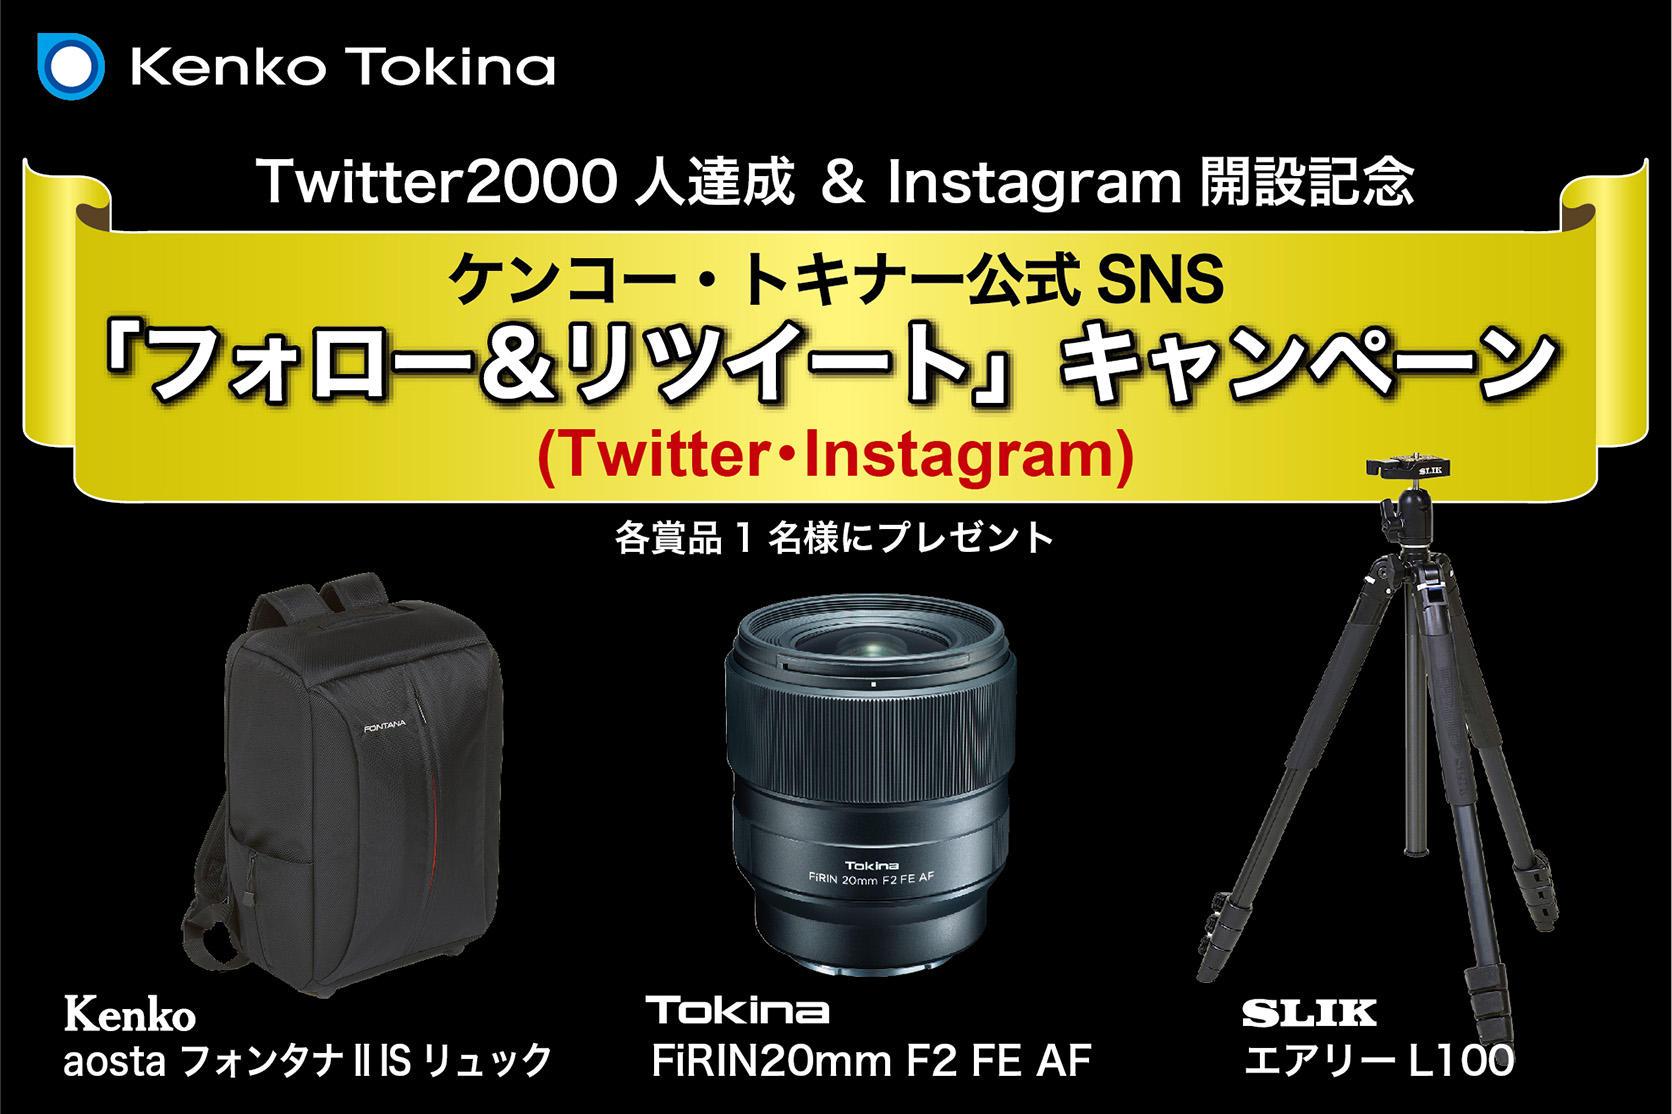 http://www.kenko-tokina.co.jp/mt-images/SNS_present_cam.jpg